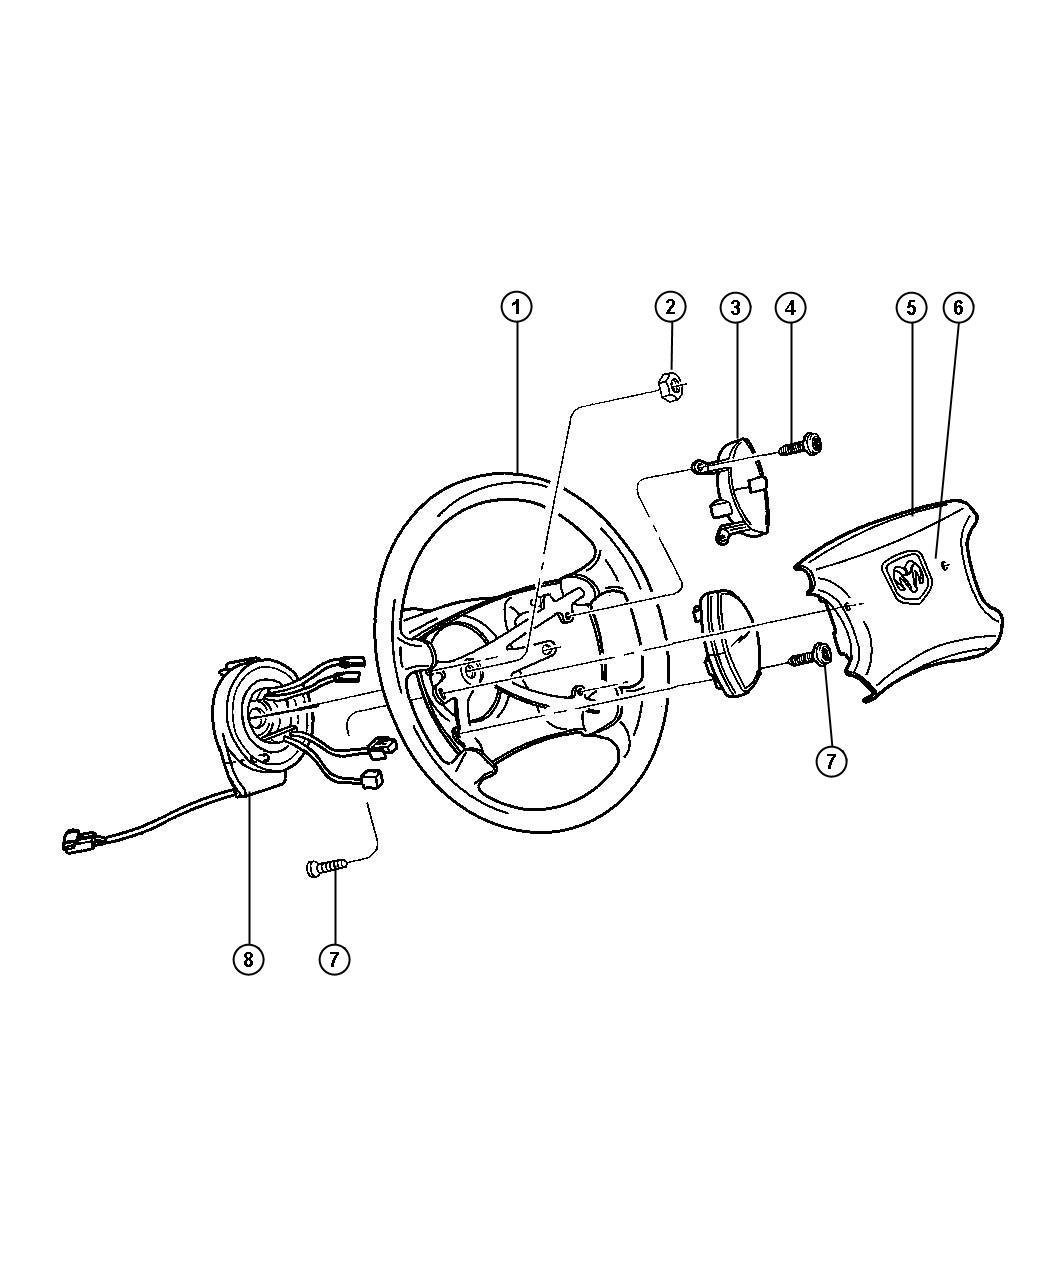 tags: #1985 k5 blazer wiring diagram#1983 k5 blazer wiring diagram#87 k5  blazer wiring diagram#88 k5 blazer wiring diagram#chevy blazer wiring  diagram#85 k5